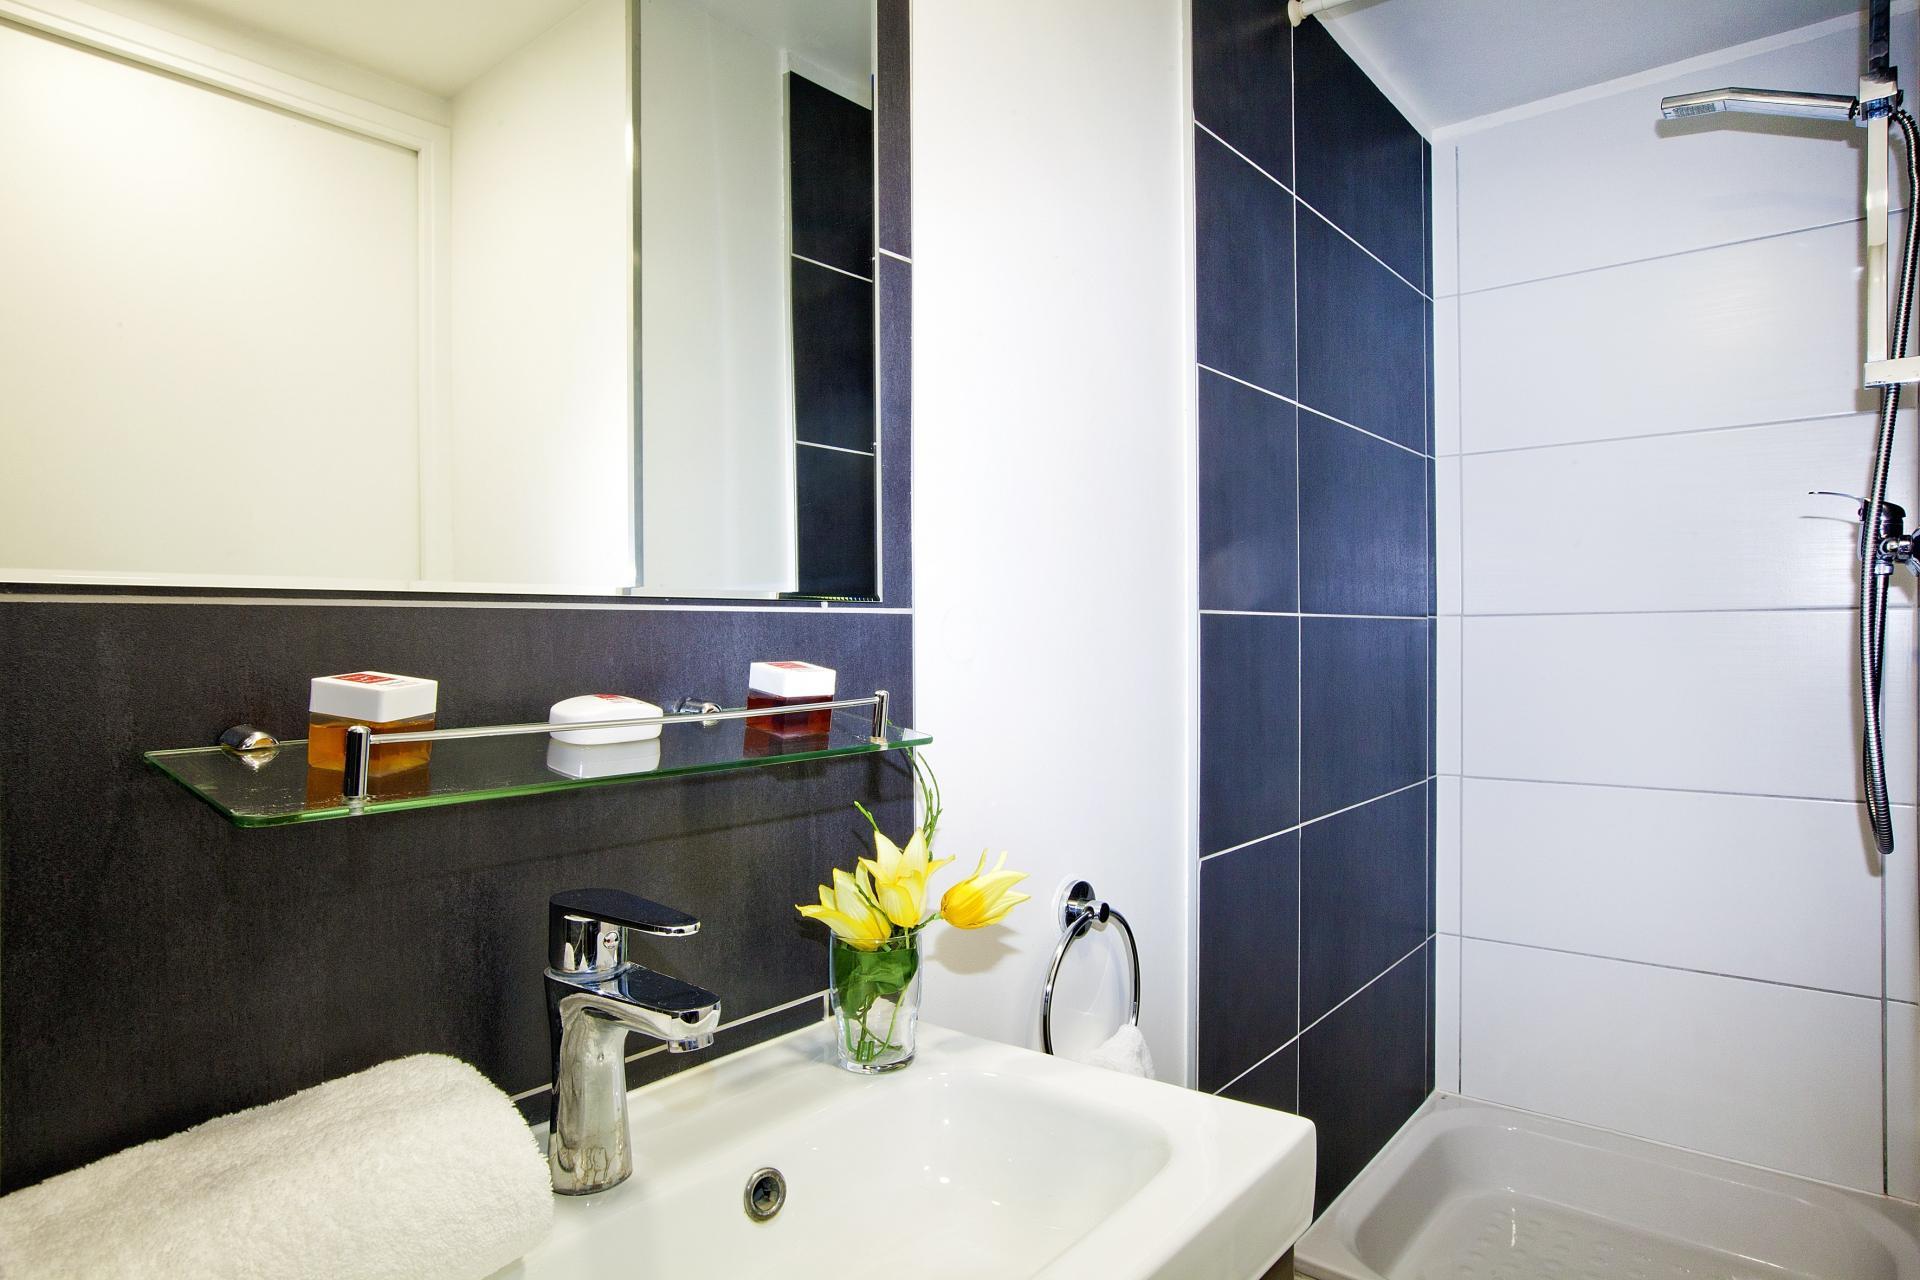 Bathroom at Séjours & Affaires Pantin Apartments, Pantin, Paris